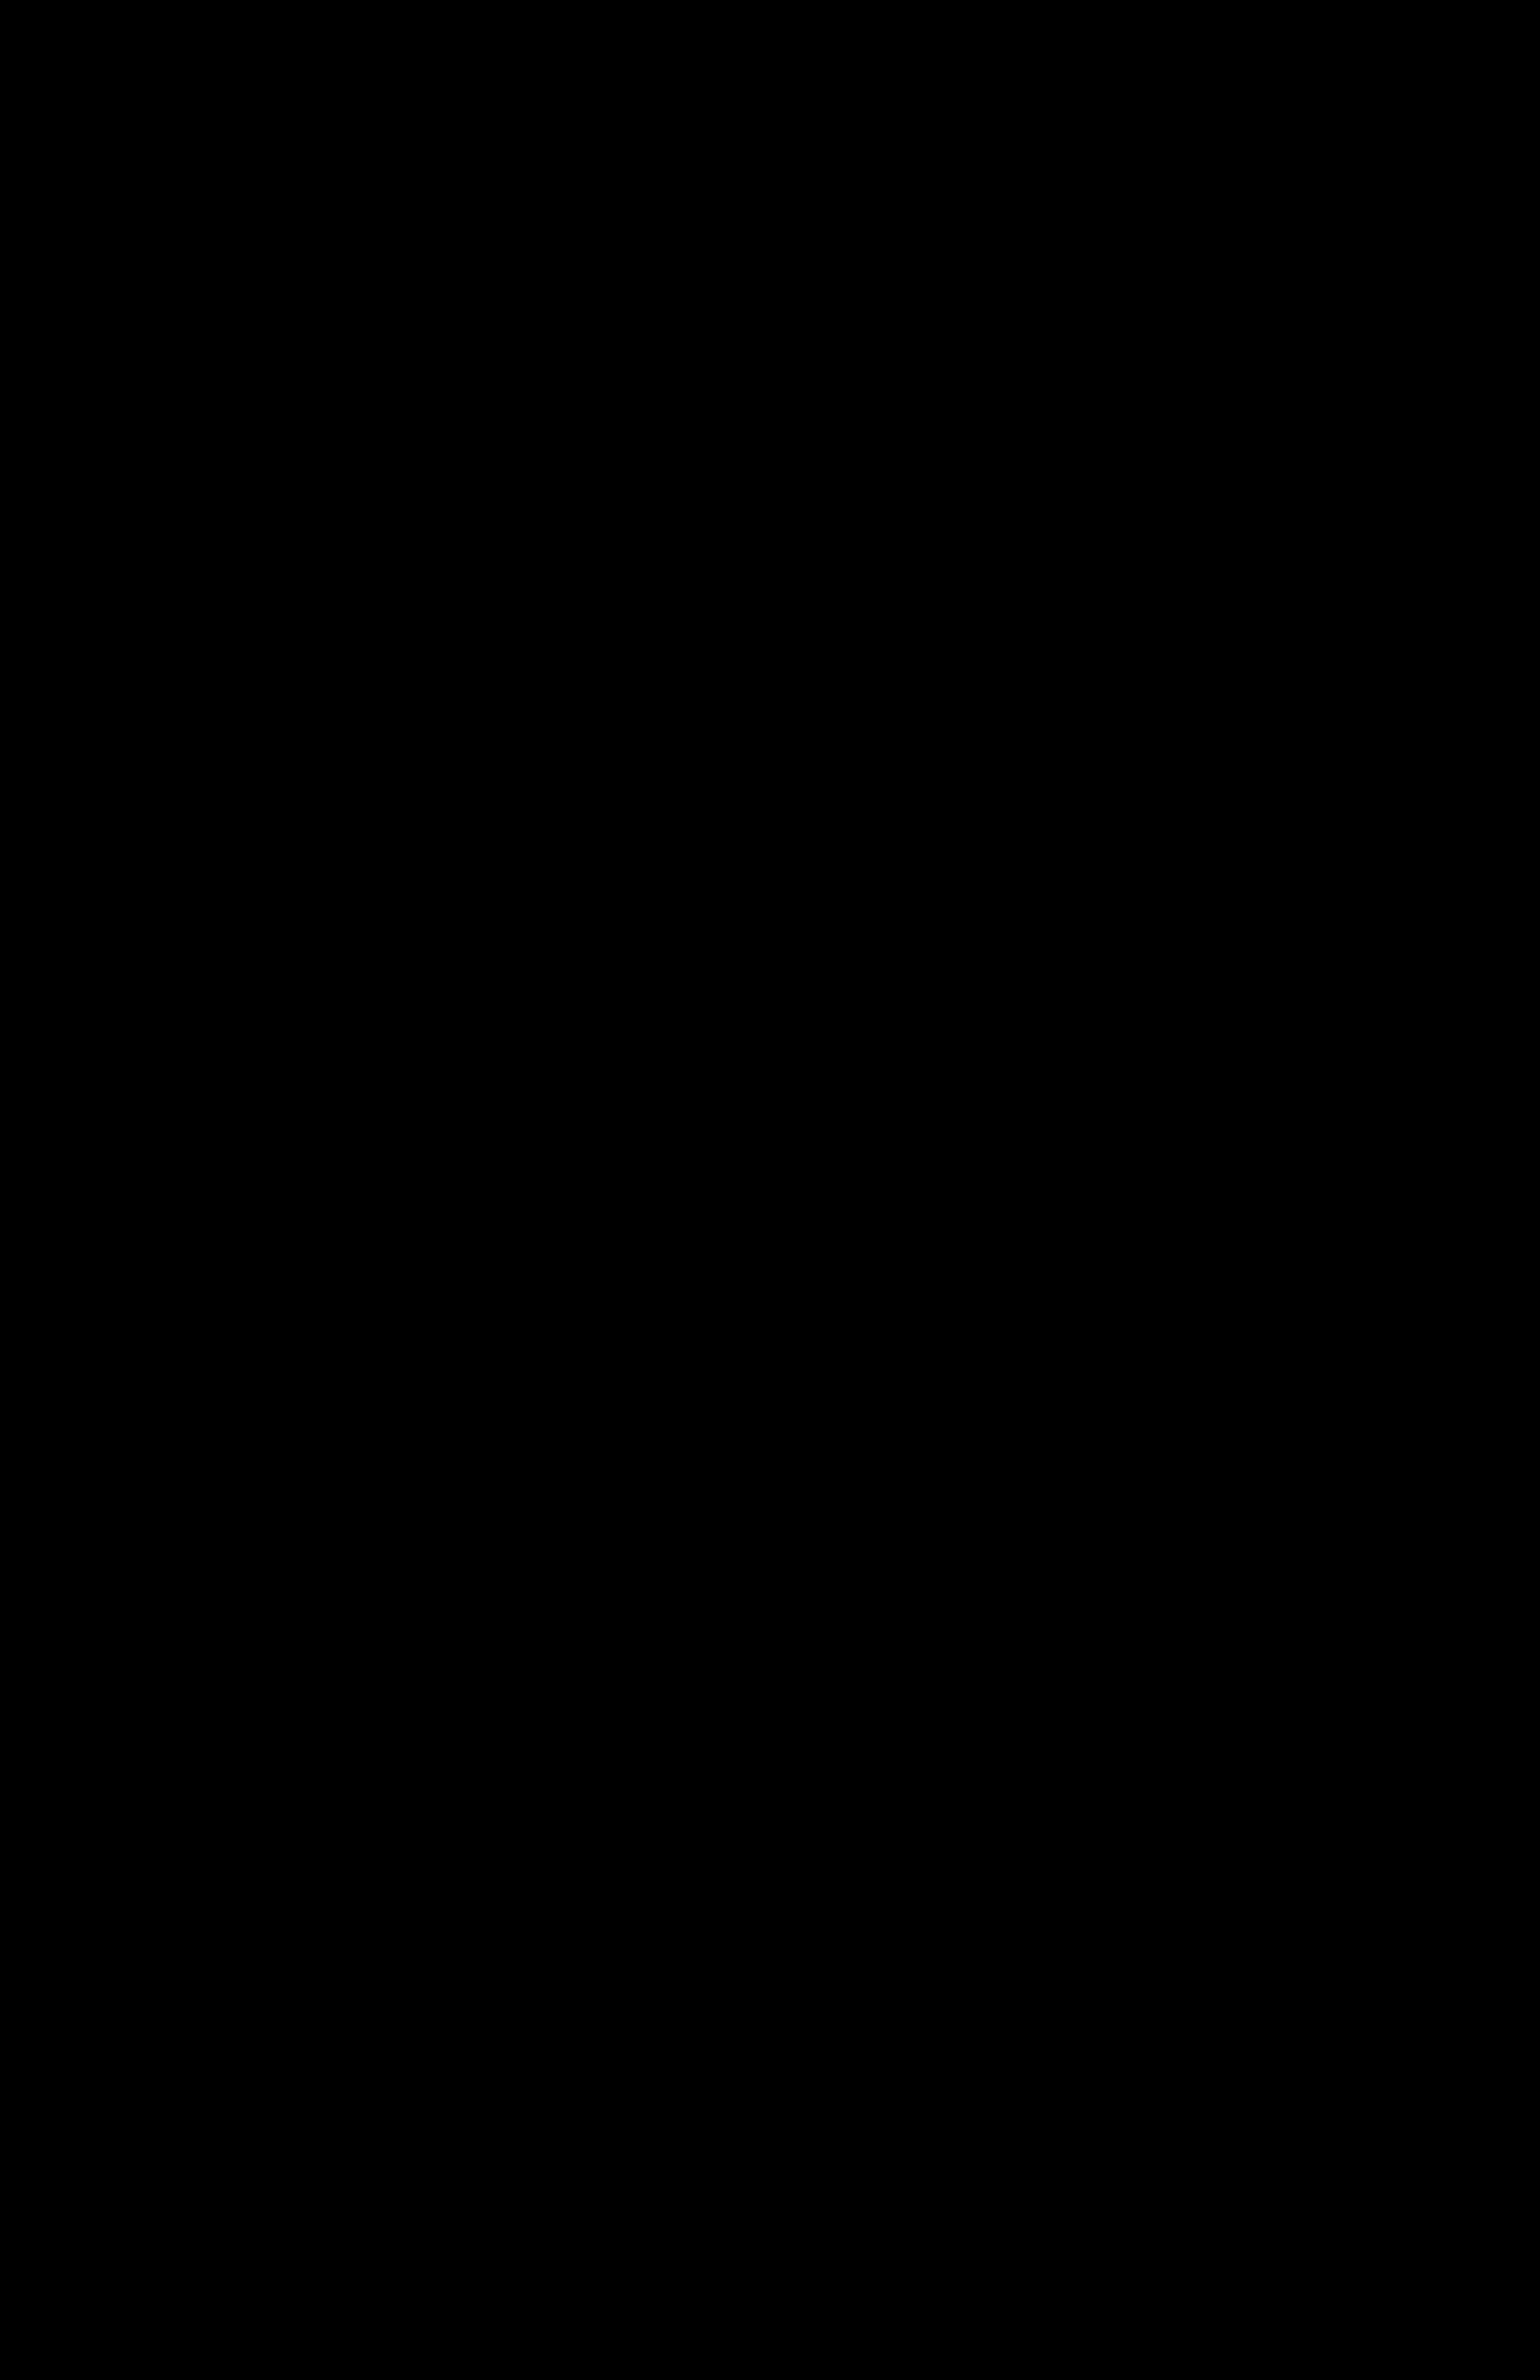 Summerfest 2018 Lineup Music Festival Arcade Fire Dave Matthews